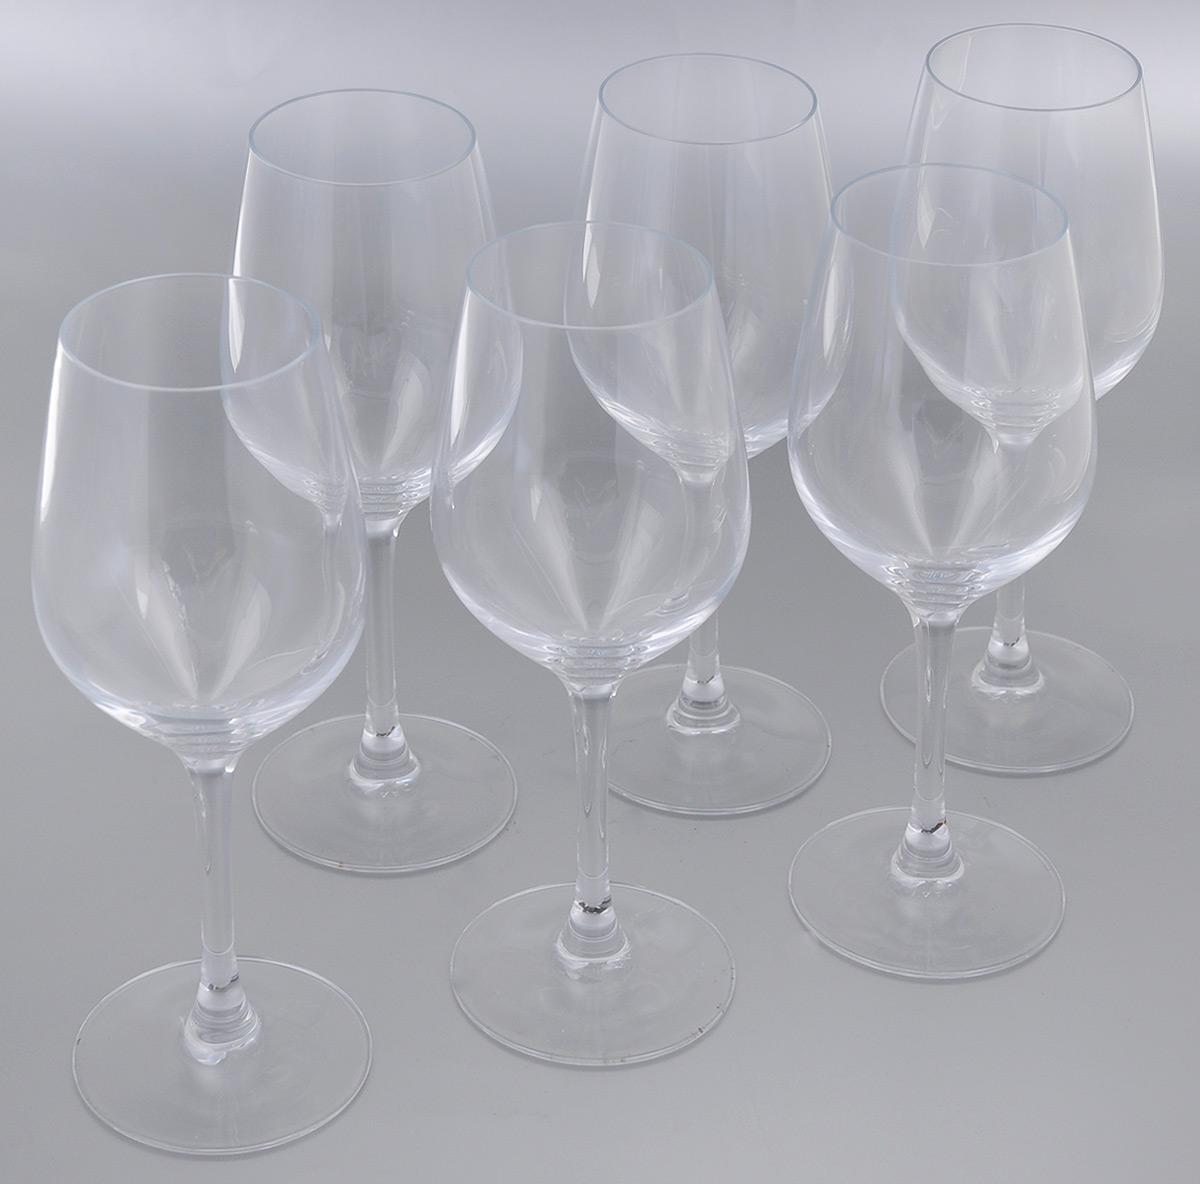 Набор фужеров для вина Luminarc Hermitage, 350 мл, 6 штH2600Набор Luminarc Hermitage состоит из шести фужеров, выполненных из прочного стекла. Изделия оснащены высокими ножками. Фужеры предназначены для подачи вина. Они сочетают в себе элегантный дизайн и функциональность. Благодаря такому набору пить напитки будет еще вкуснее. Набор фужеров Luminarc Hermitage прекрасно оформит праздничный стол и создаст приятную атмосферу за романтическим ужином. Такой набор также станет хорошим подарком к любому случаю. Можно мыть в посудомоечной машине. Диаметр фужера (по верхнему краю): 5,5 см. Высота фужера: 22 см.